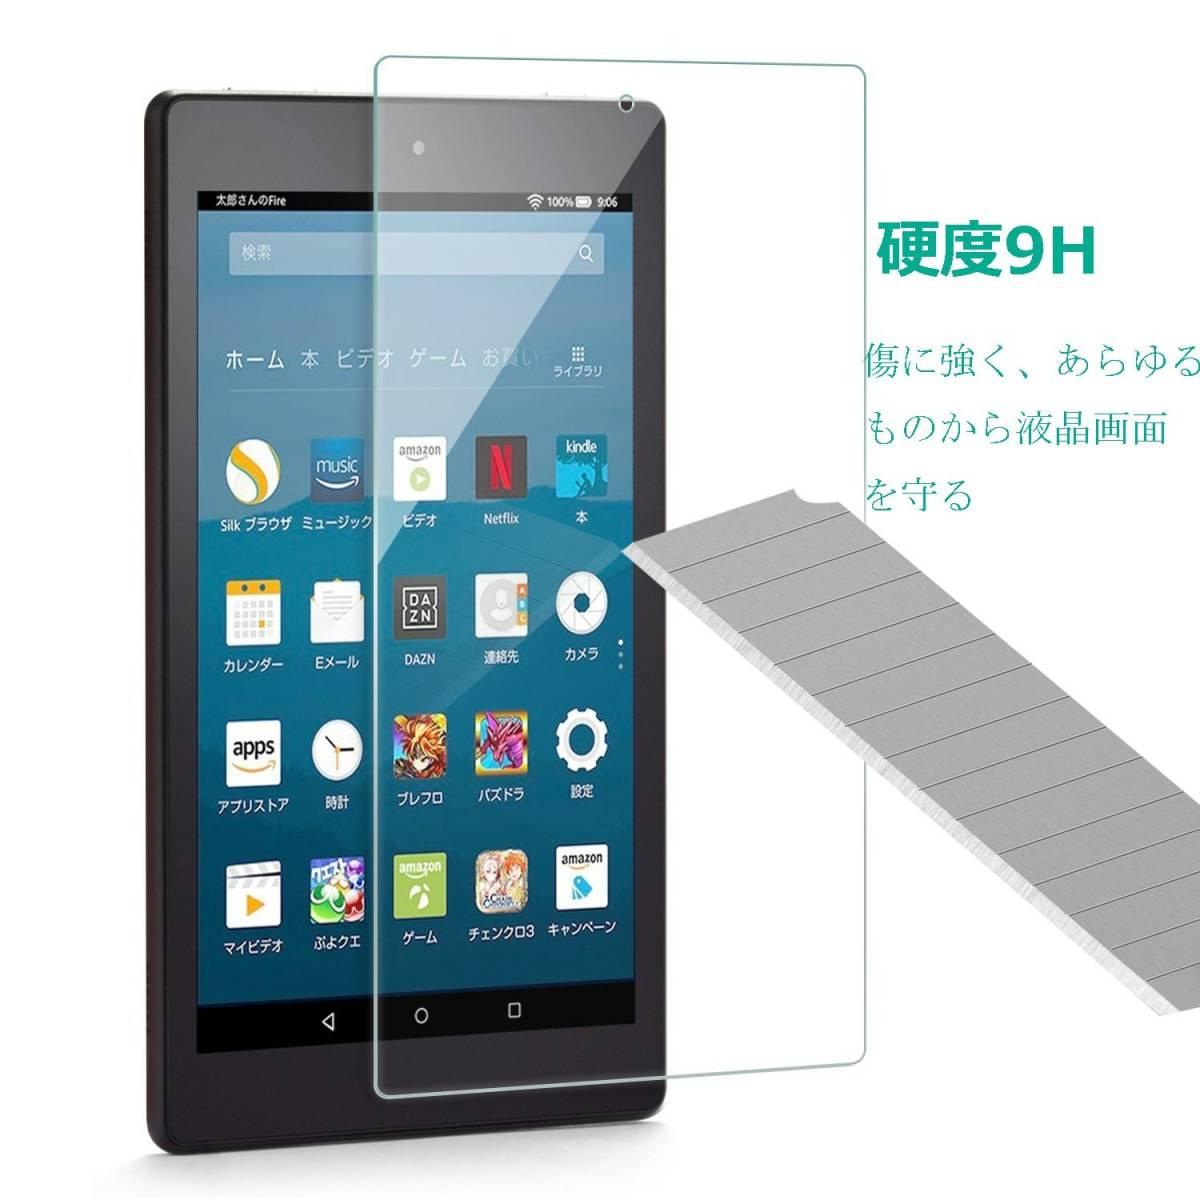 【3枚】ホームボタンのある iPad Pro 9.7 / Air2 / Air/ 9.7インチ 用 フィルム 強化ガラス 液晶保護フィルム 高透過率 気泡ゼロ 硬度9H_画像3